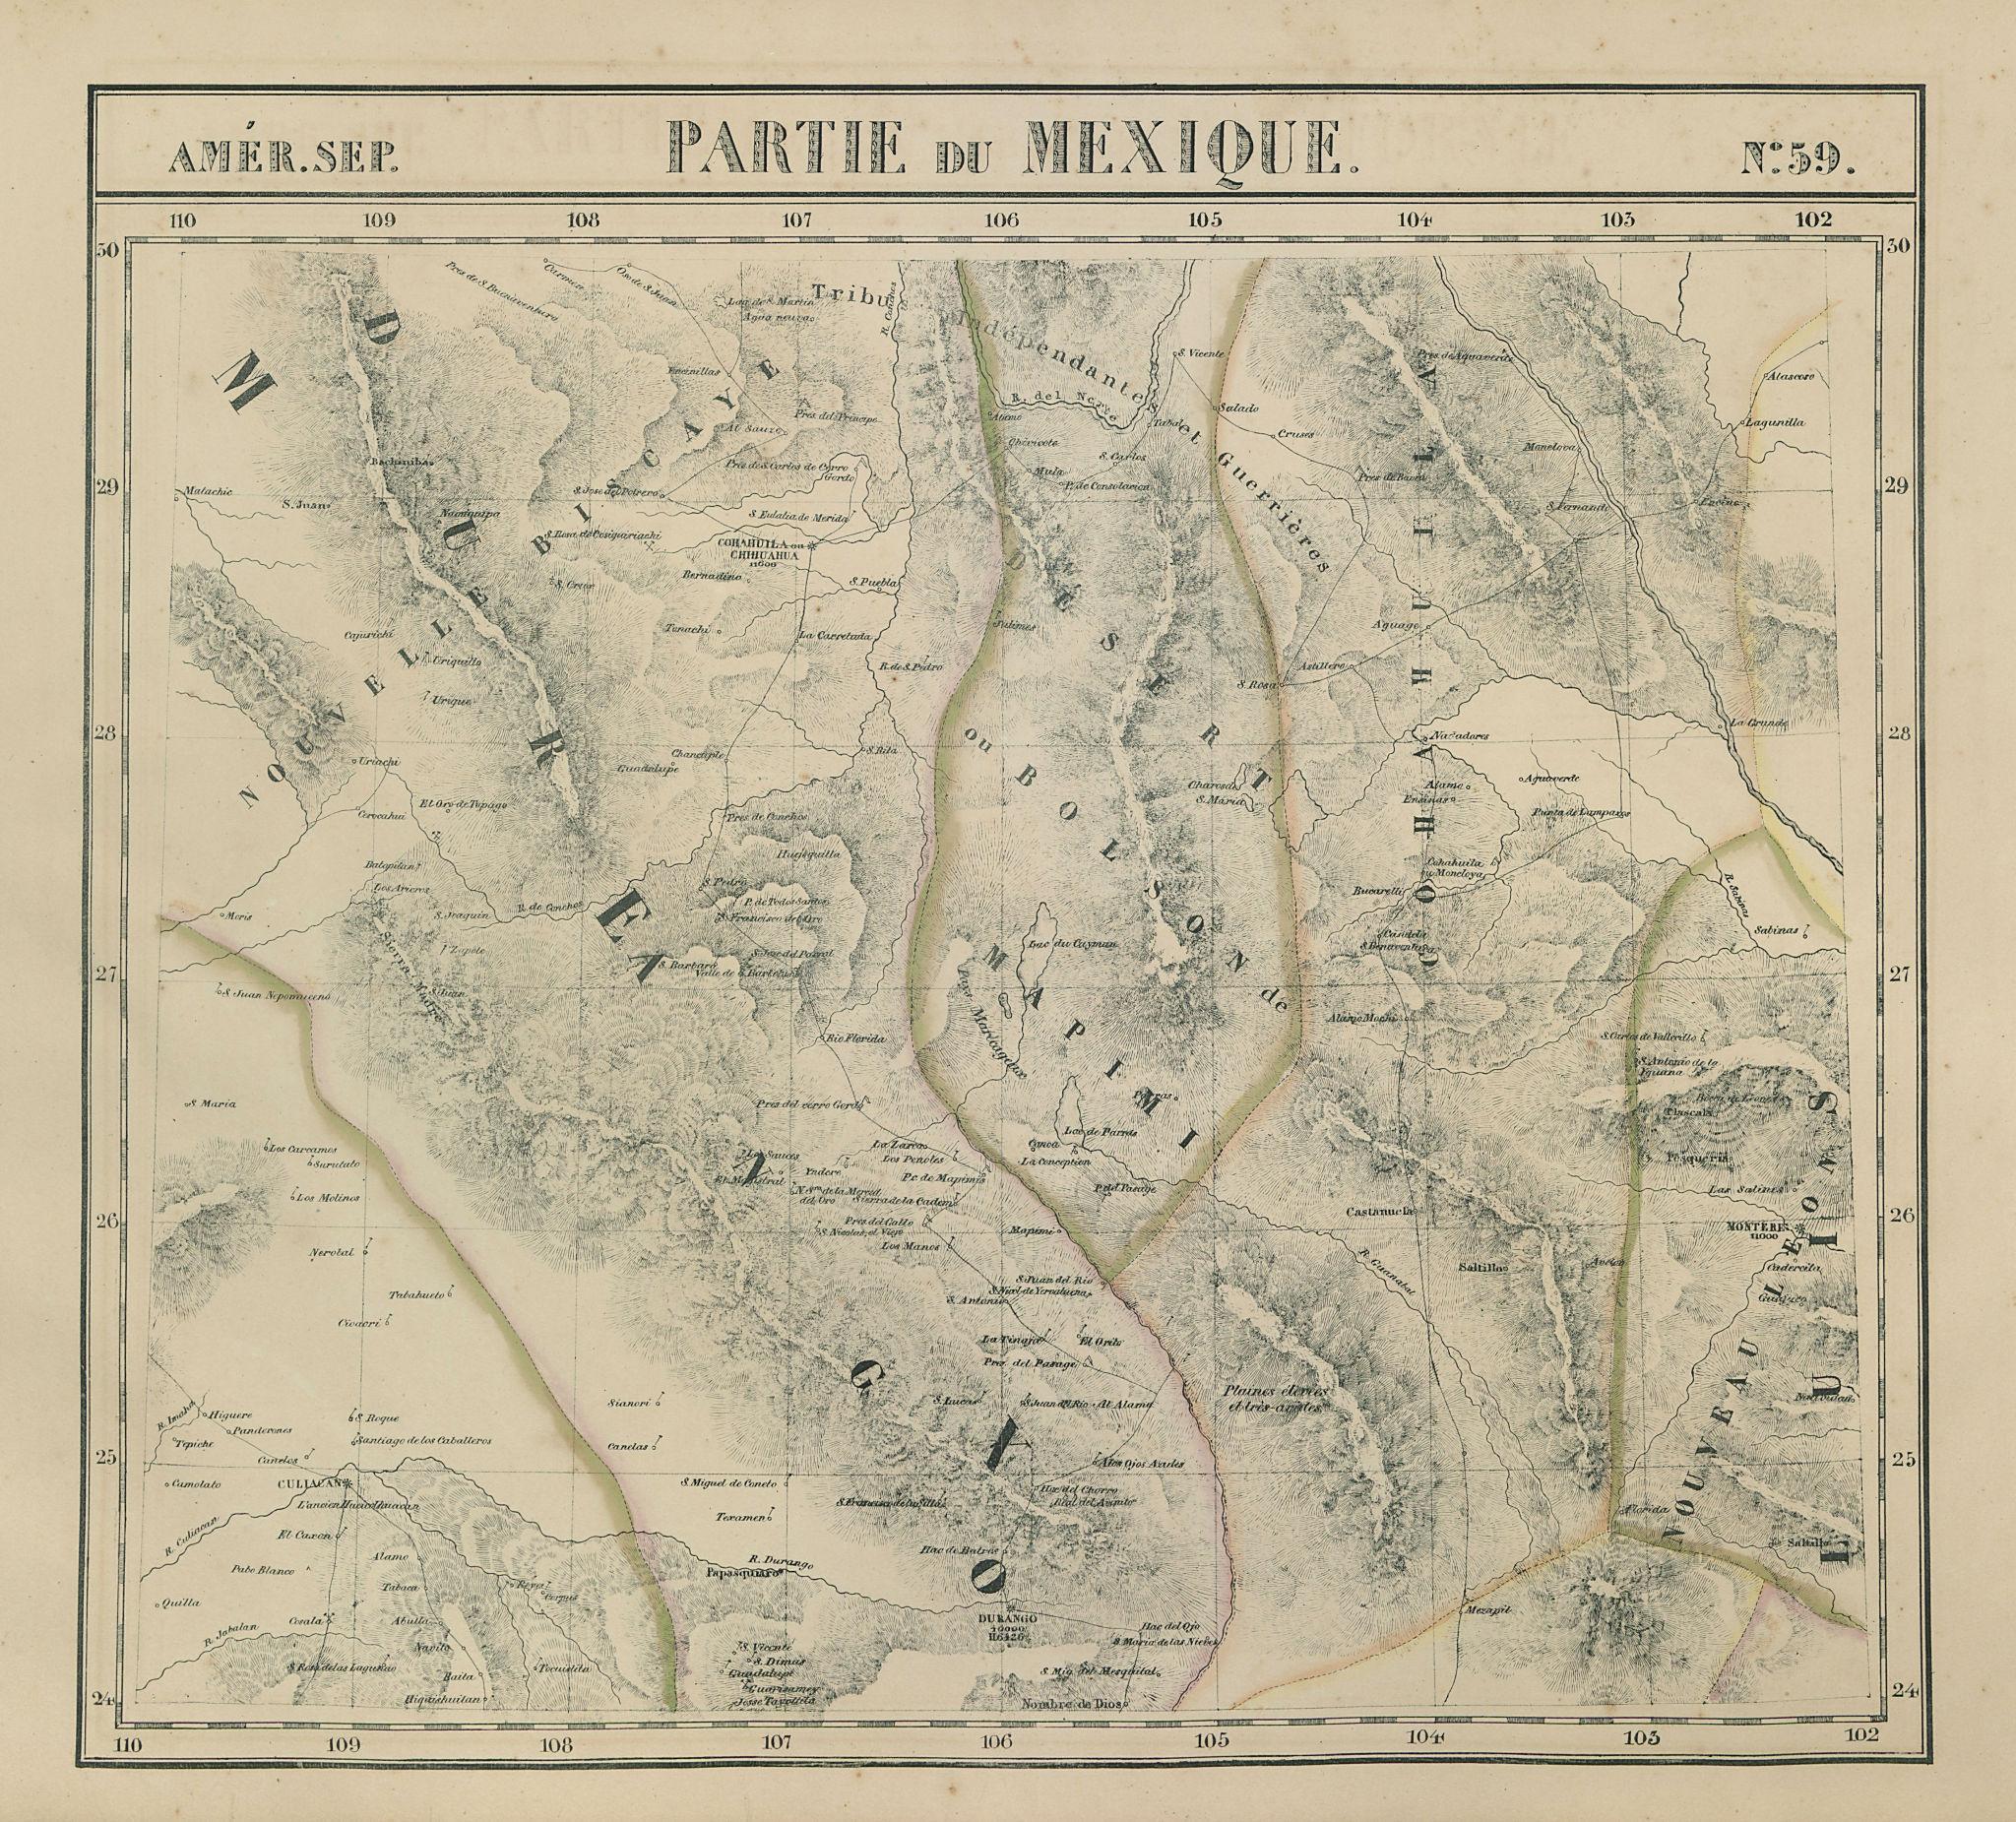 Amér. Sep. Partie du Mexique #59. Central Mexico. VANDERMAELEN 1827 old map